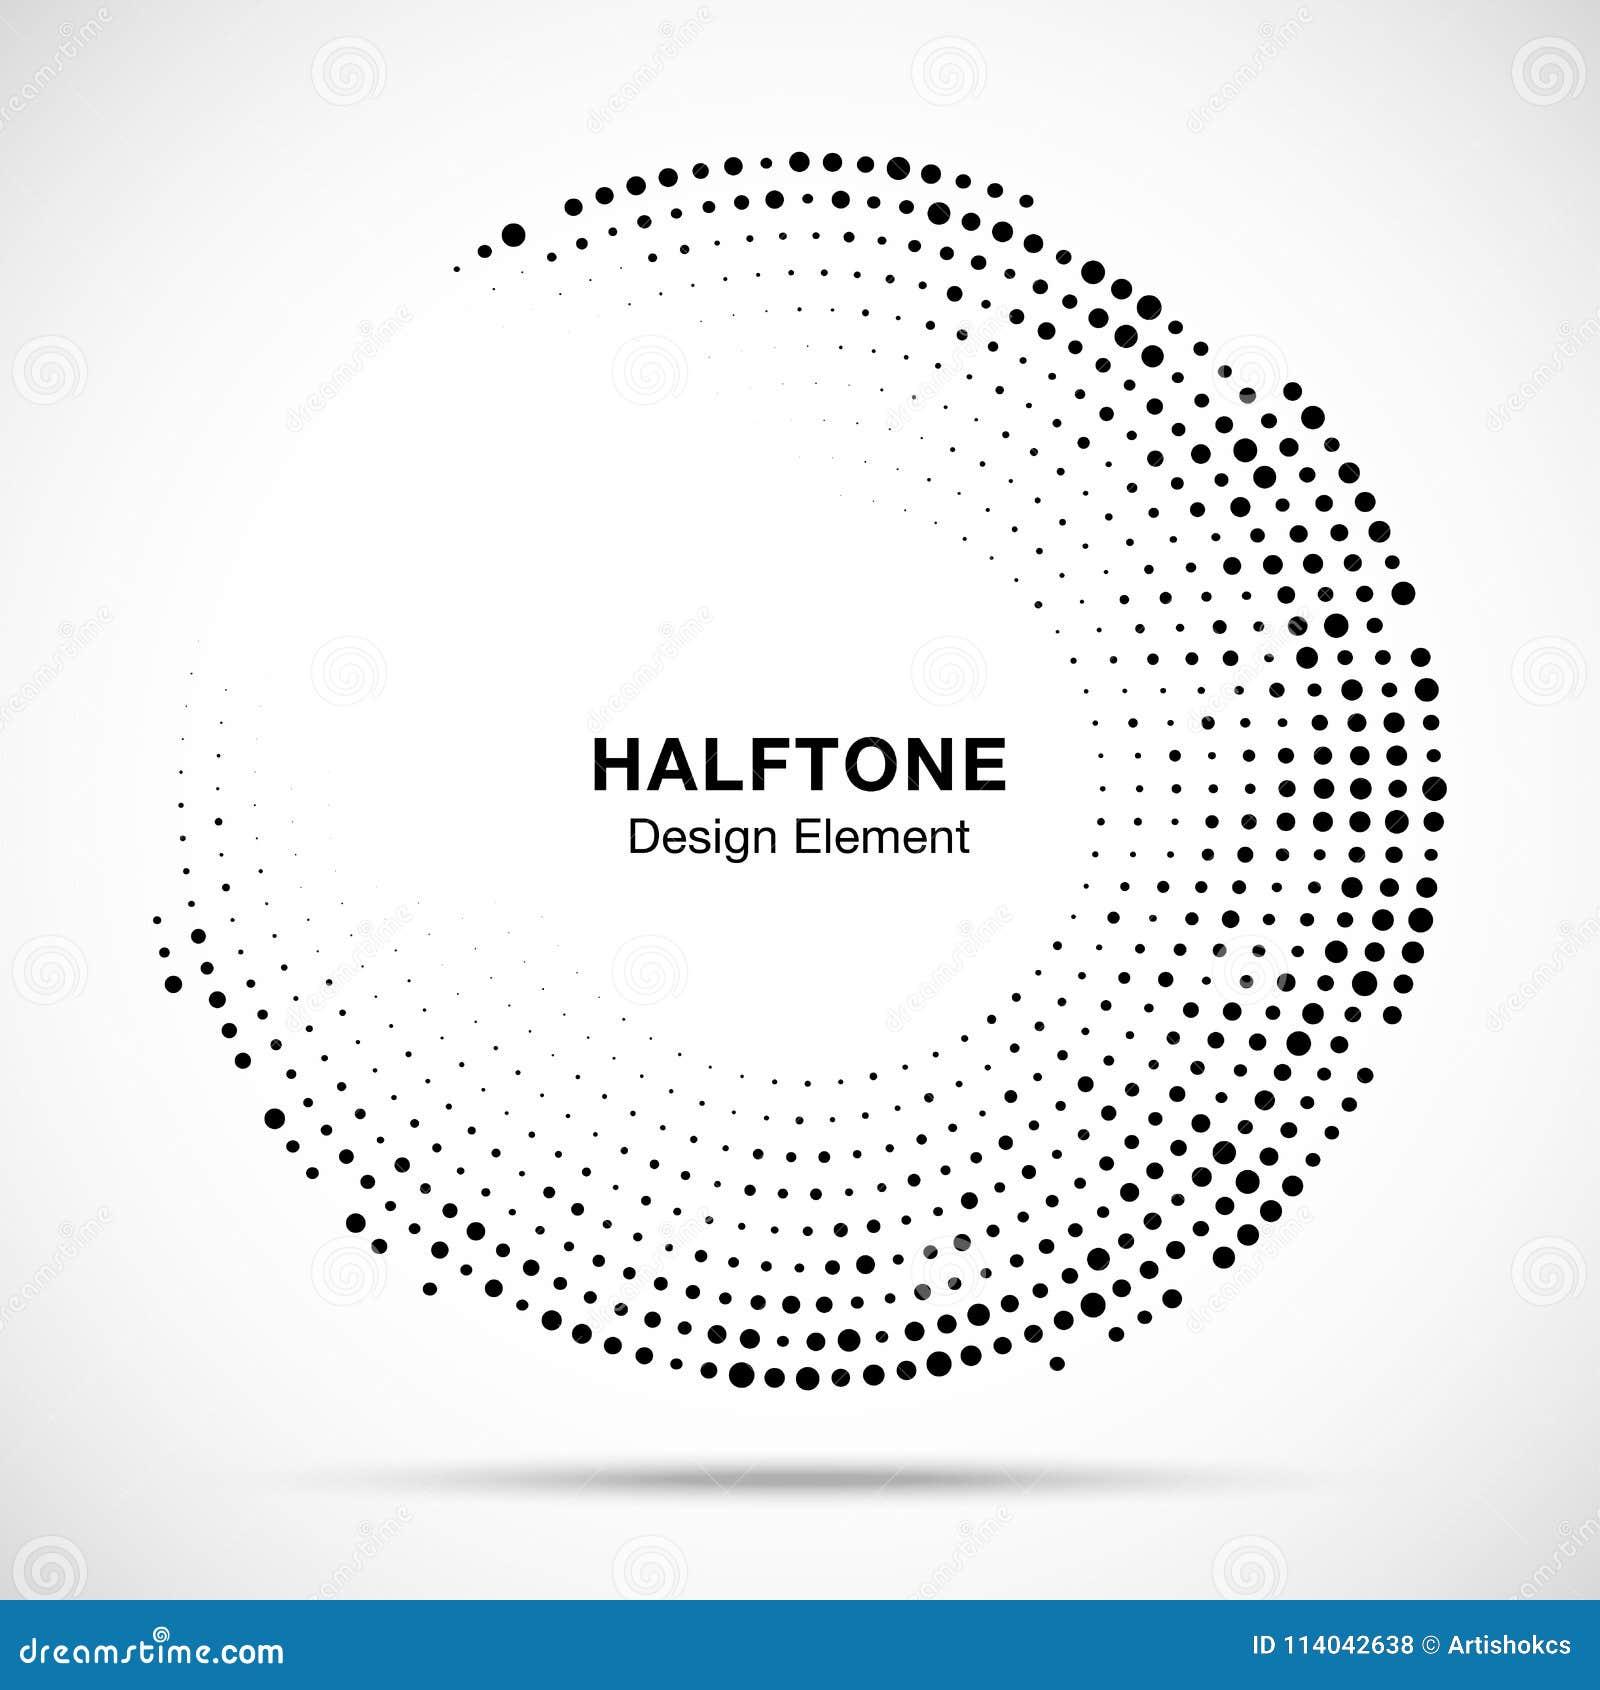 Halbtonkreisrahmen mit schwarzen abstrakten gelegentlichen Punkten, Logoemblem für Technologie, medizinisch, Behandlung, Kosmetik